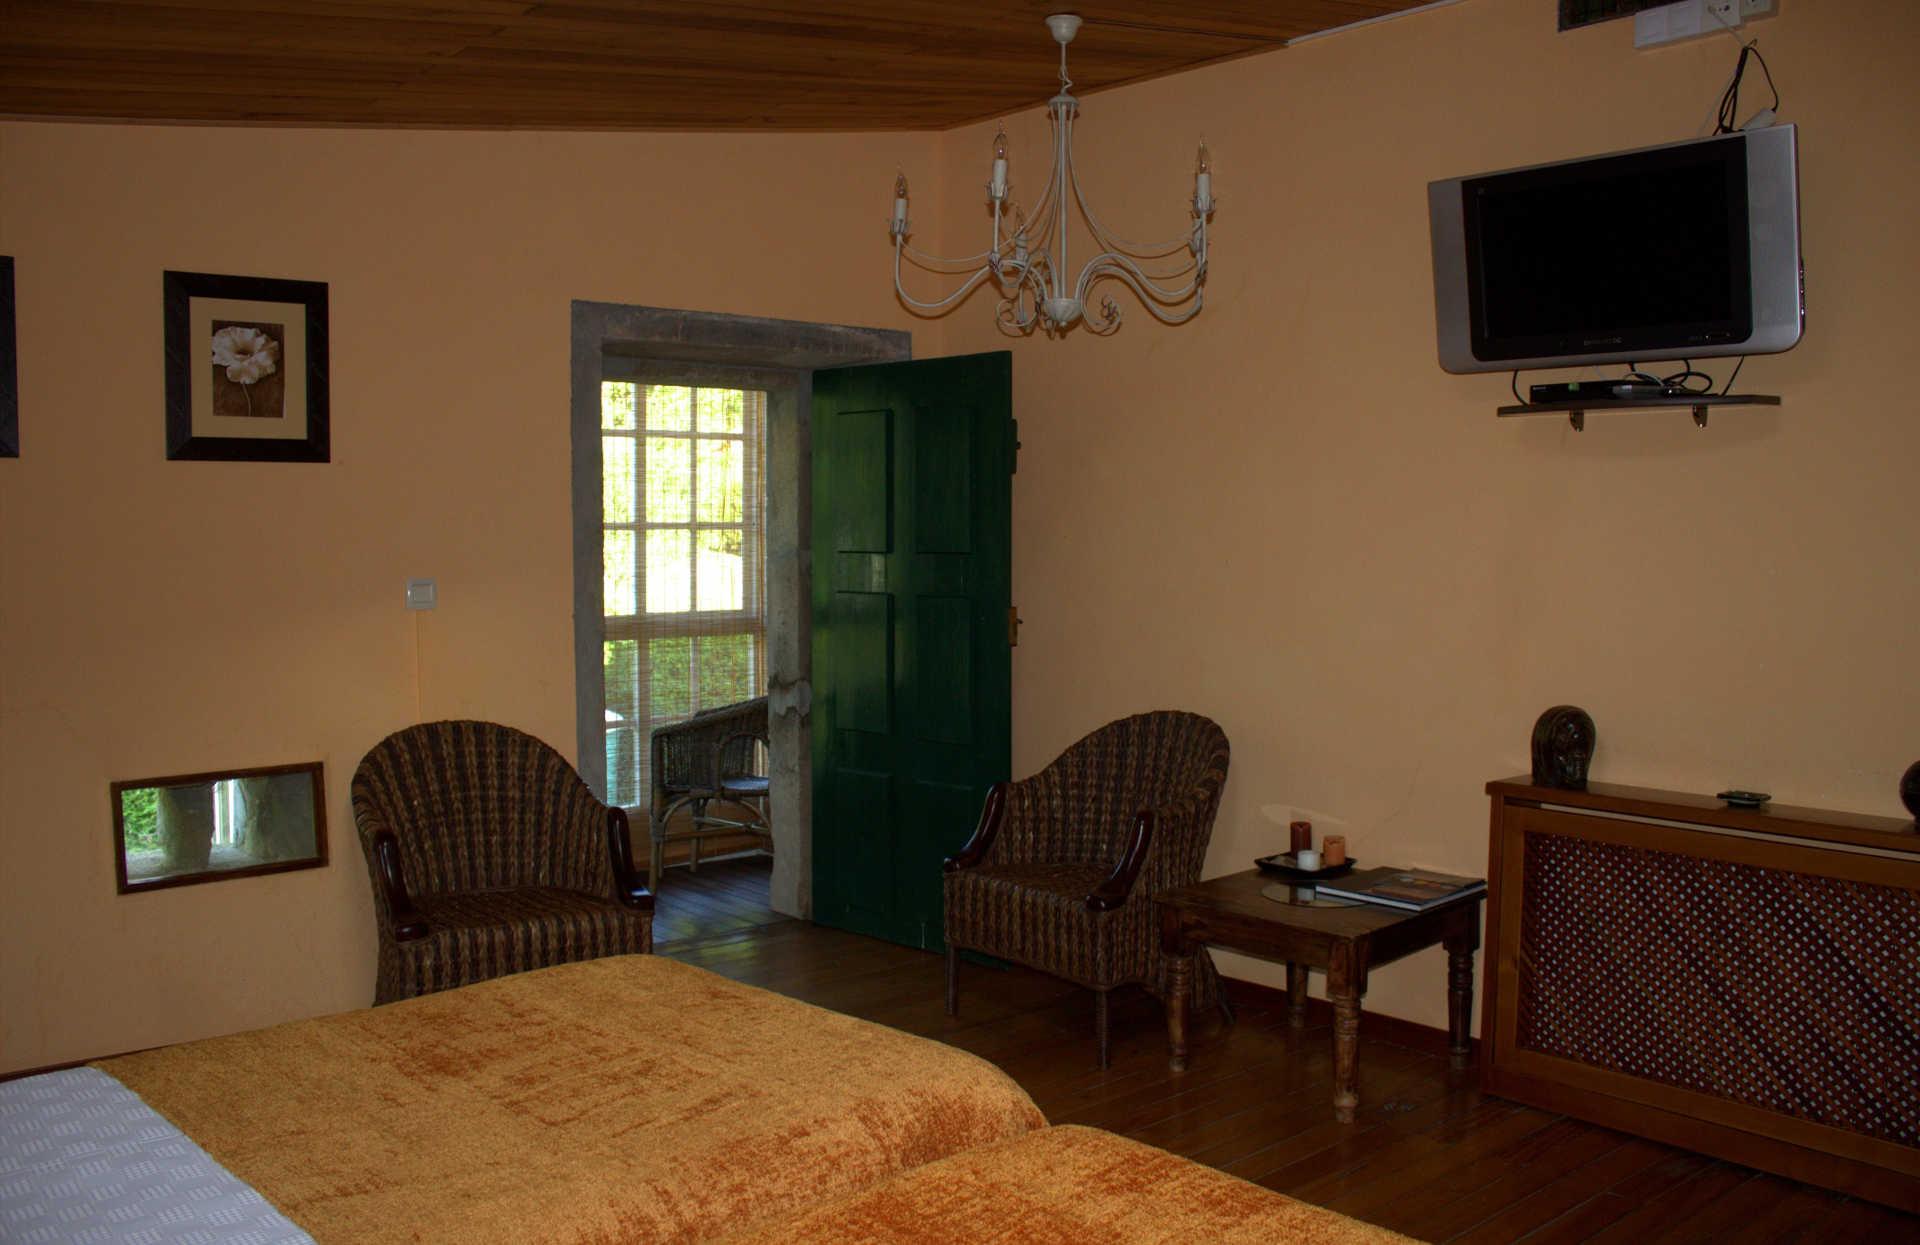 Habitacion doble Outeiro con Galeria casa rural As Seis Chemineas